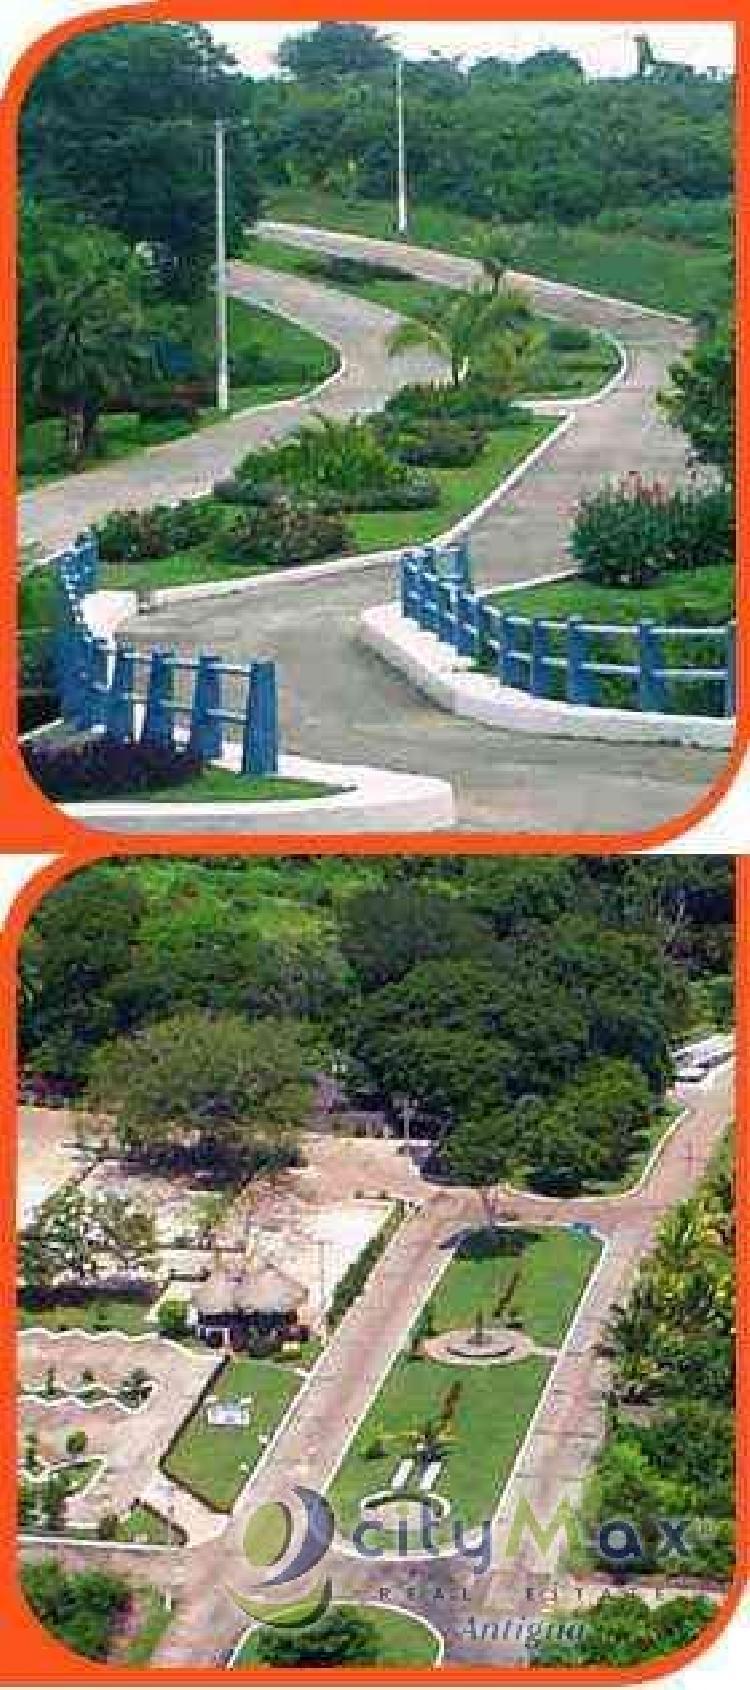 CityMax Antigua Vende Terreno Torremolinos Escuintla